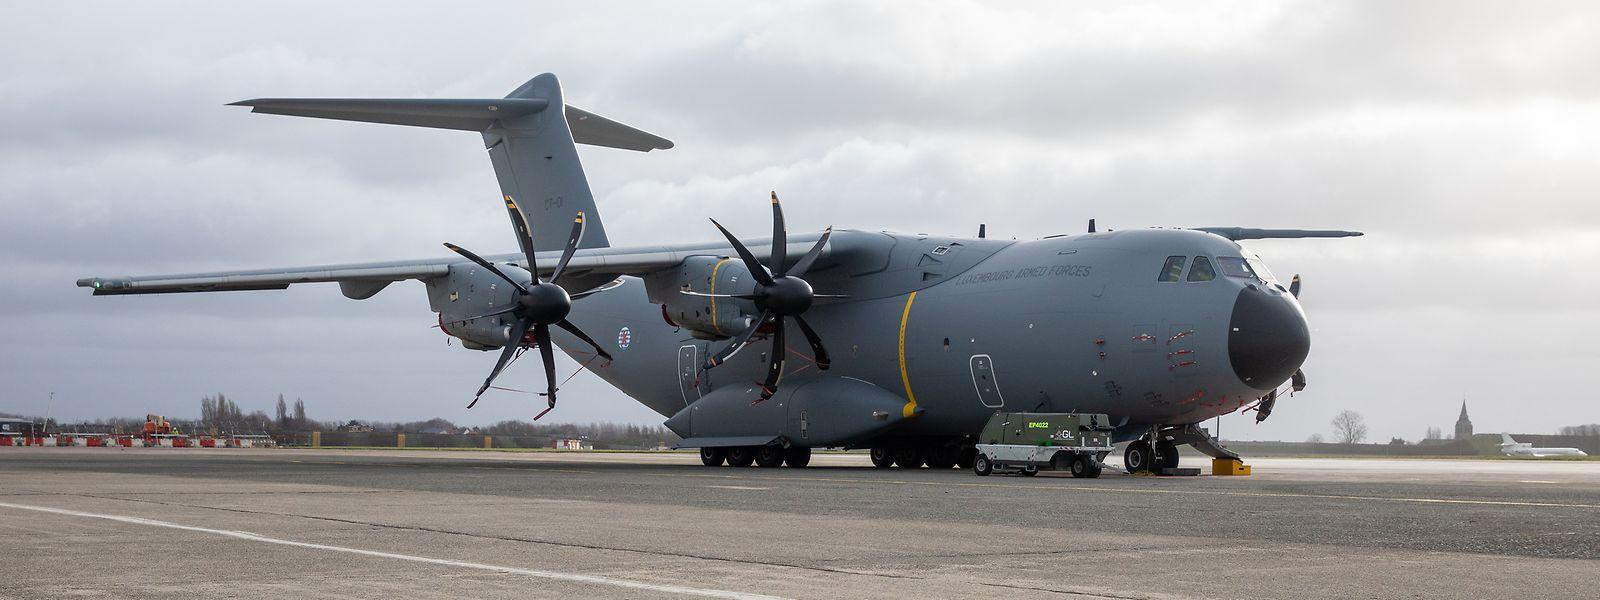 Der A400M ist Teil der luxemburgischen NATO-Verpflichtungen. Die Kosten betrugen 197 Millionen Euro.